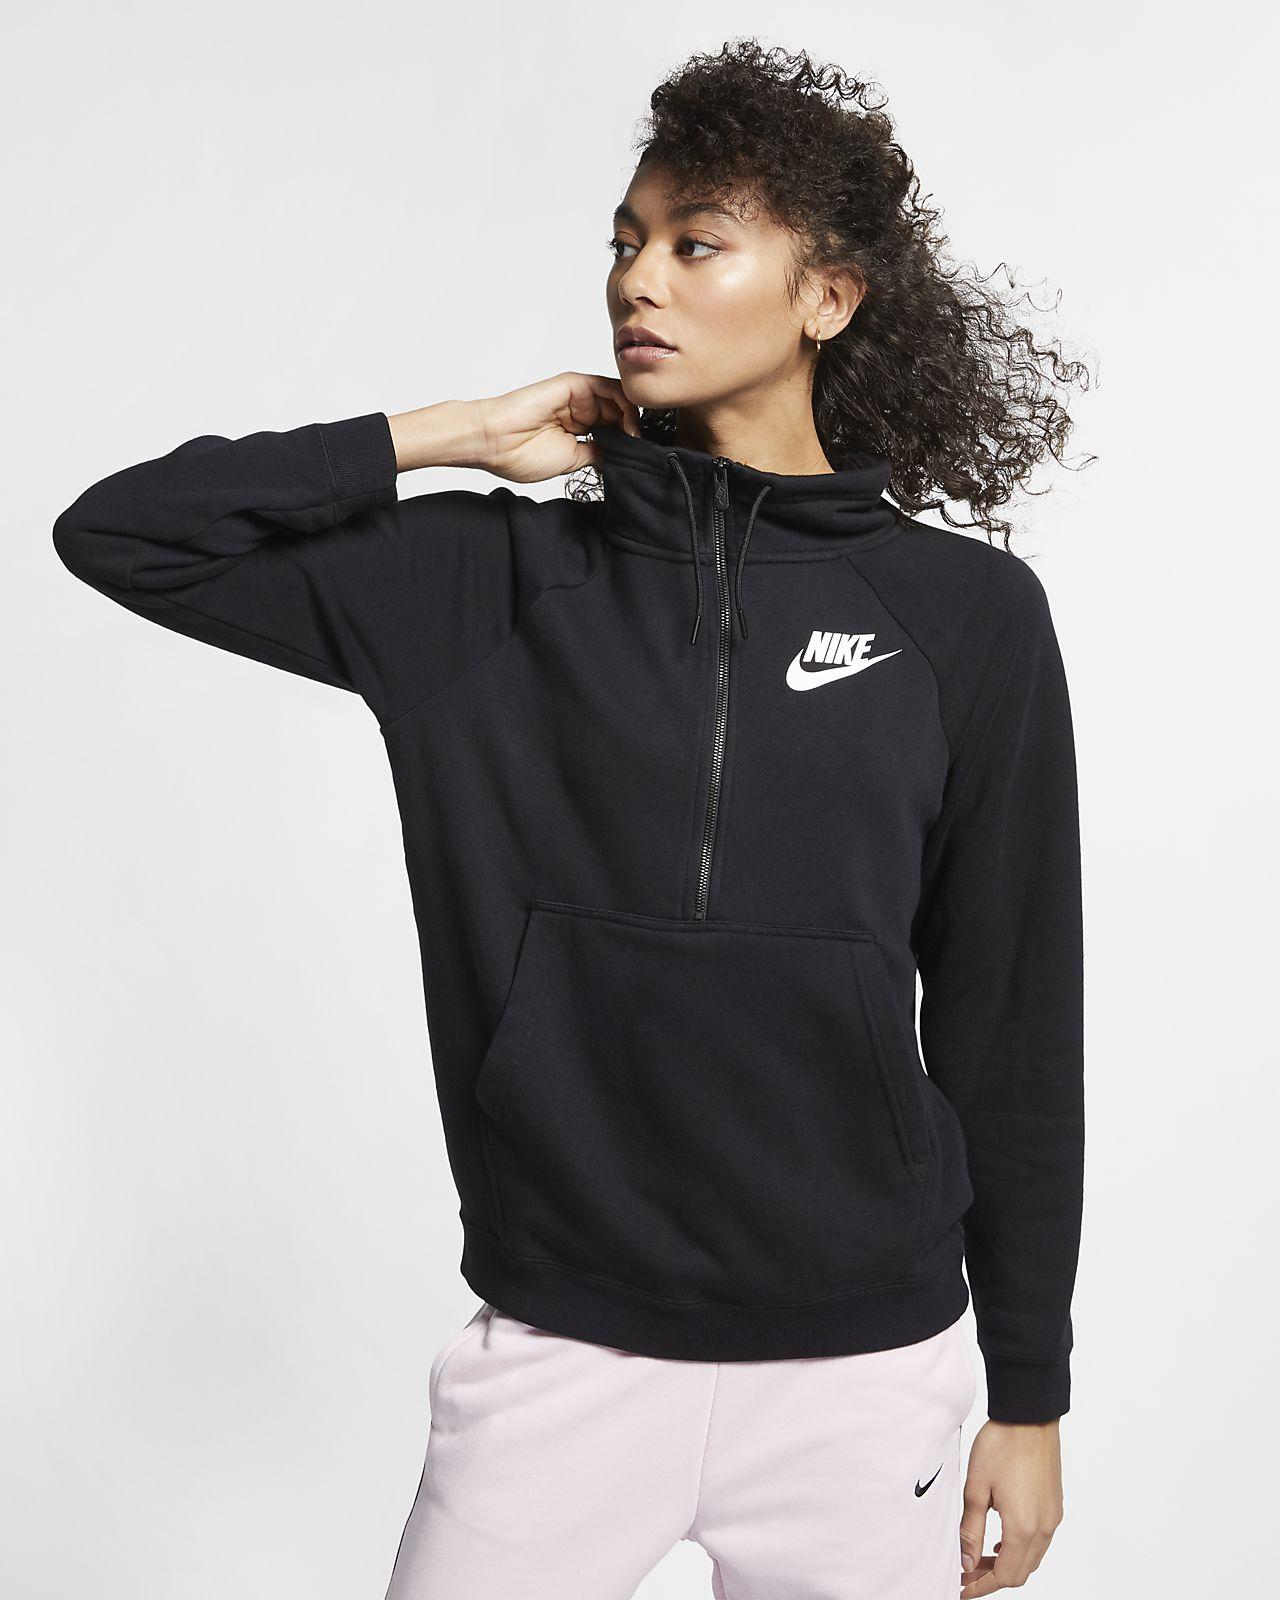 58e62c3e2 Nike Sportswear Rally Women's Long-Sleeve 1/2-Zip Top. Nike.com